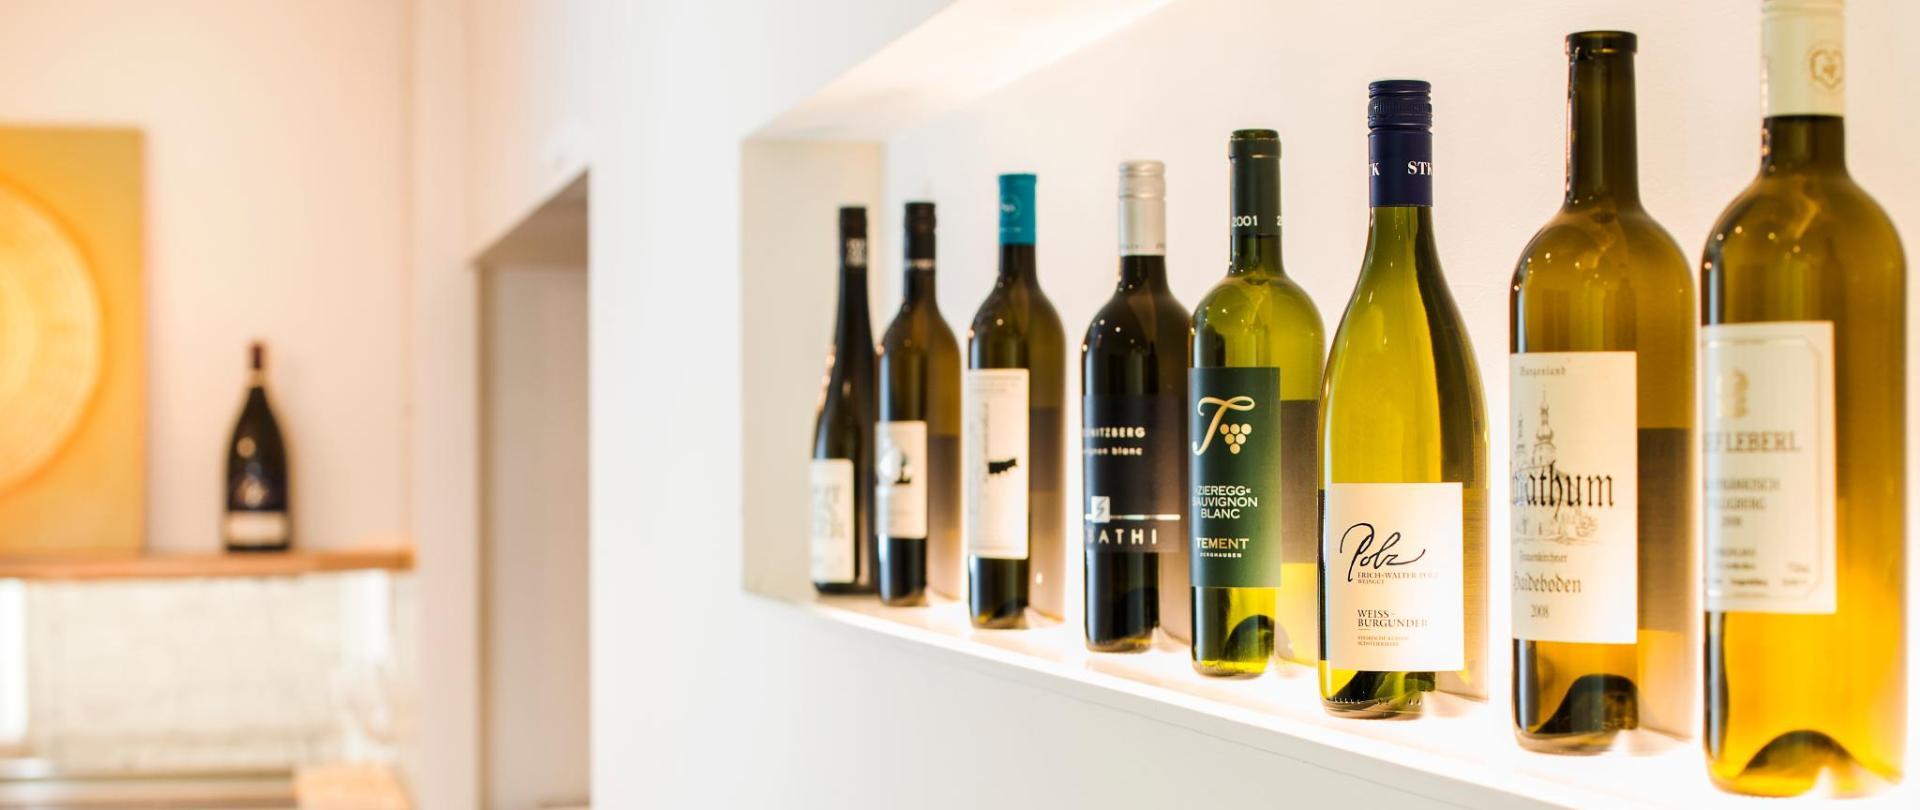 Römerstube Wein.jpg